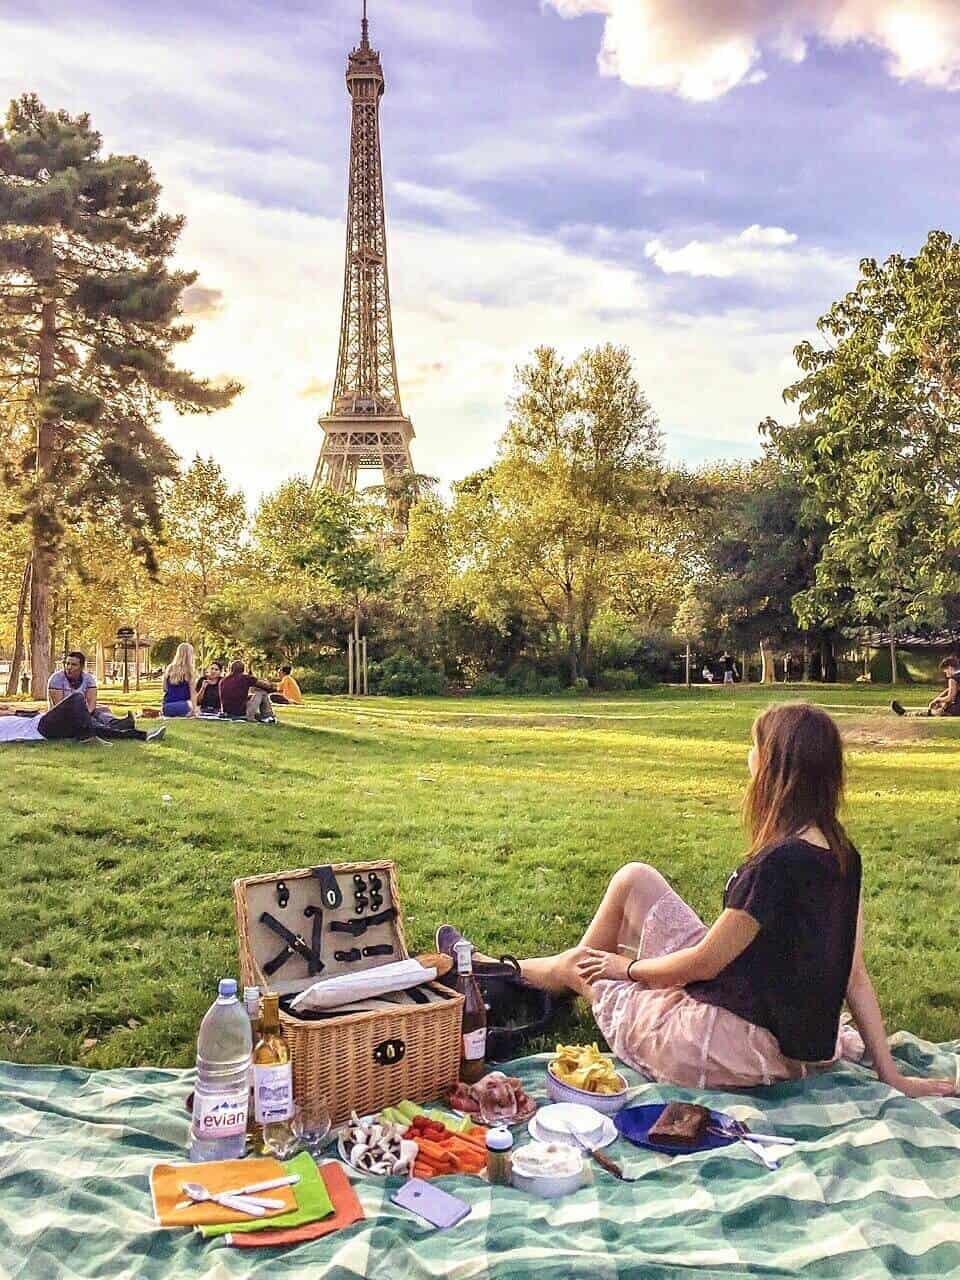 best picnic spots in paris France